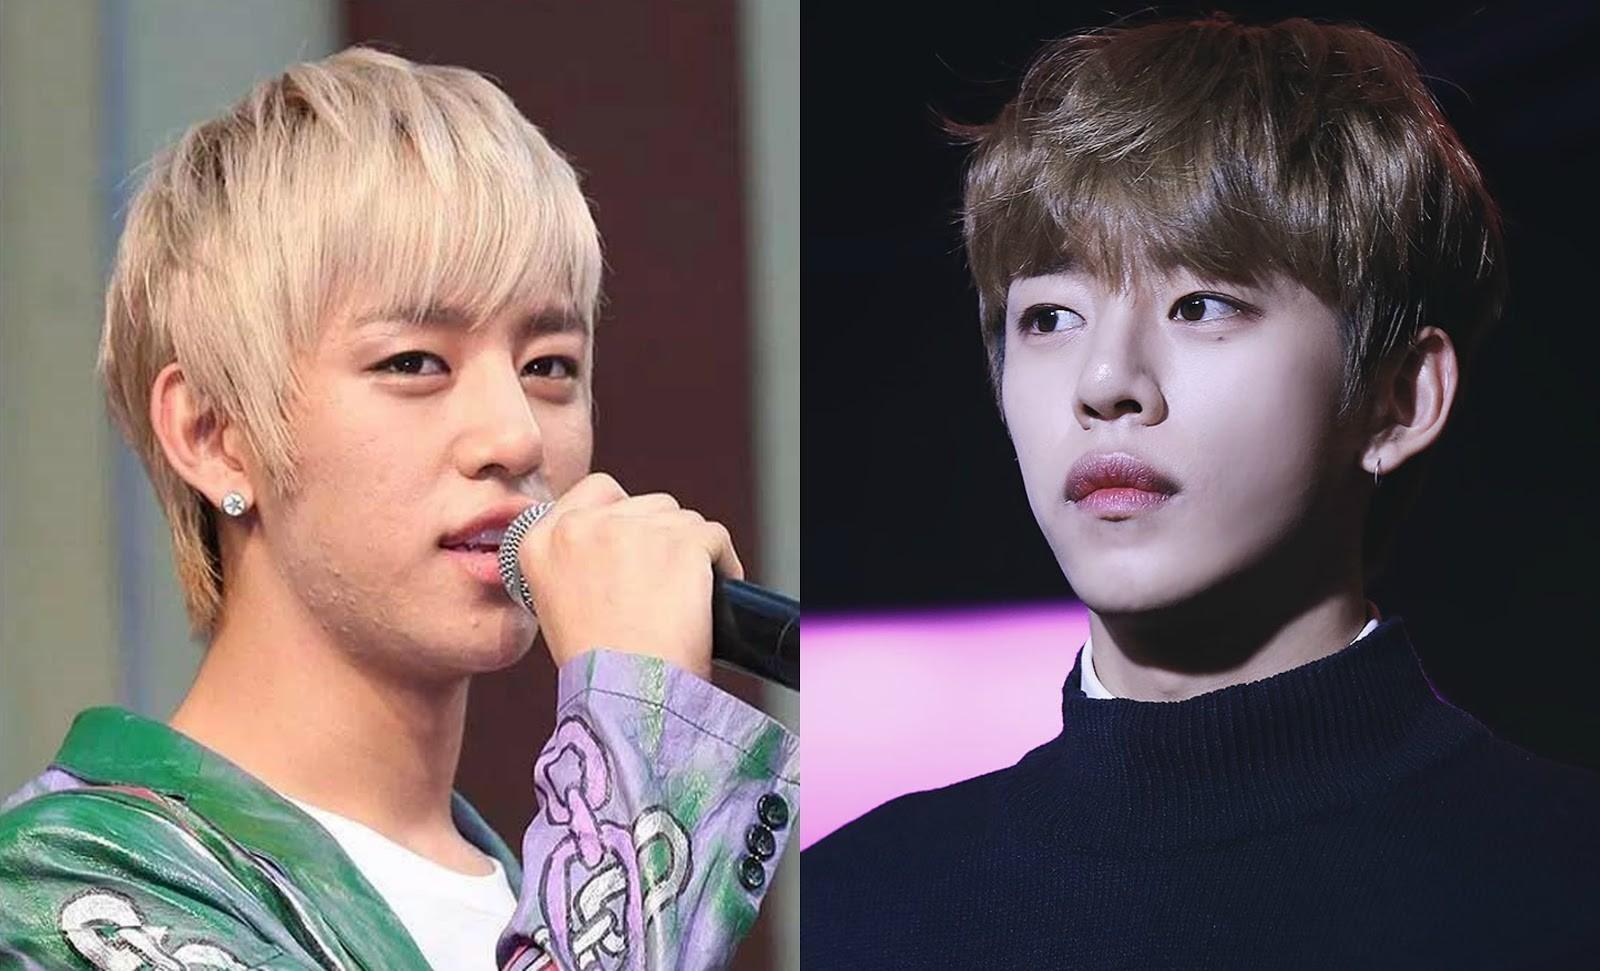 Daehyun có lẽ là thuộc top các idol khổ nhất vì mụn. Bị chi chít mụn ẩn nhưng để giữ hình ảnh, anh chàng vẫn phải makeup dày để che đi.